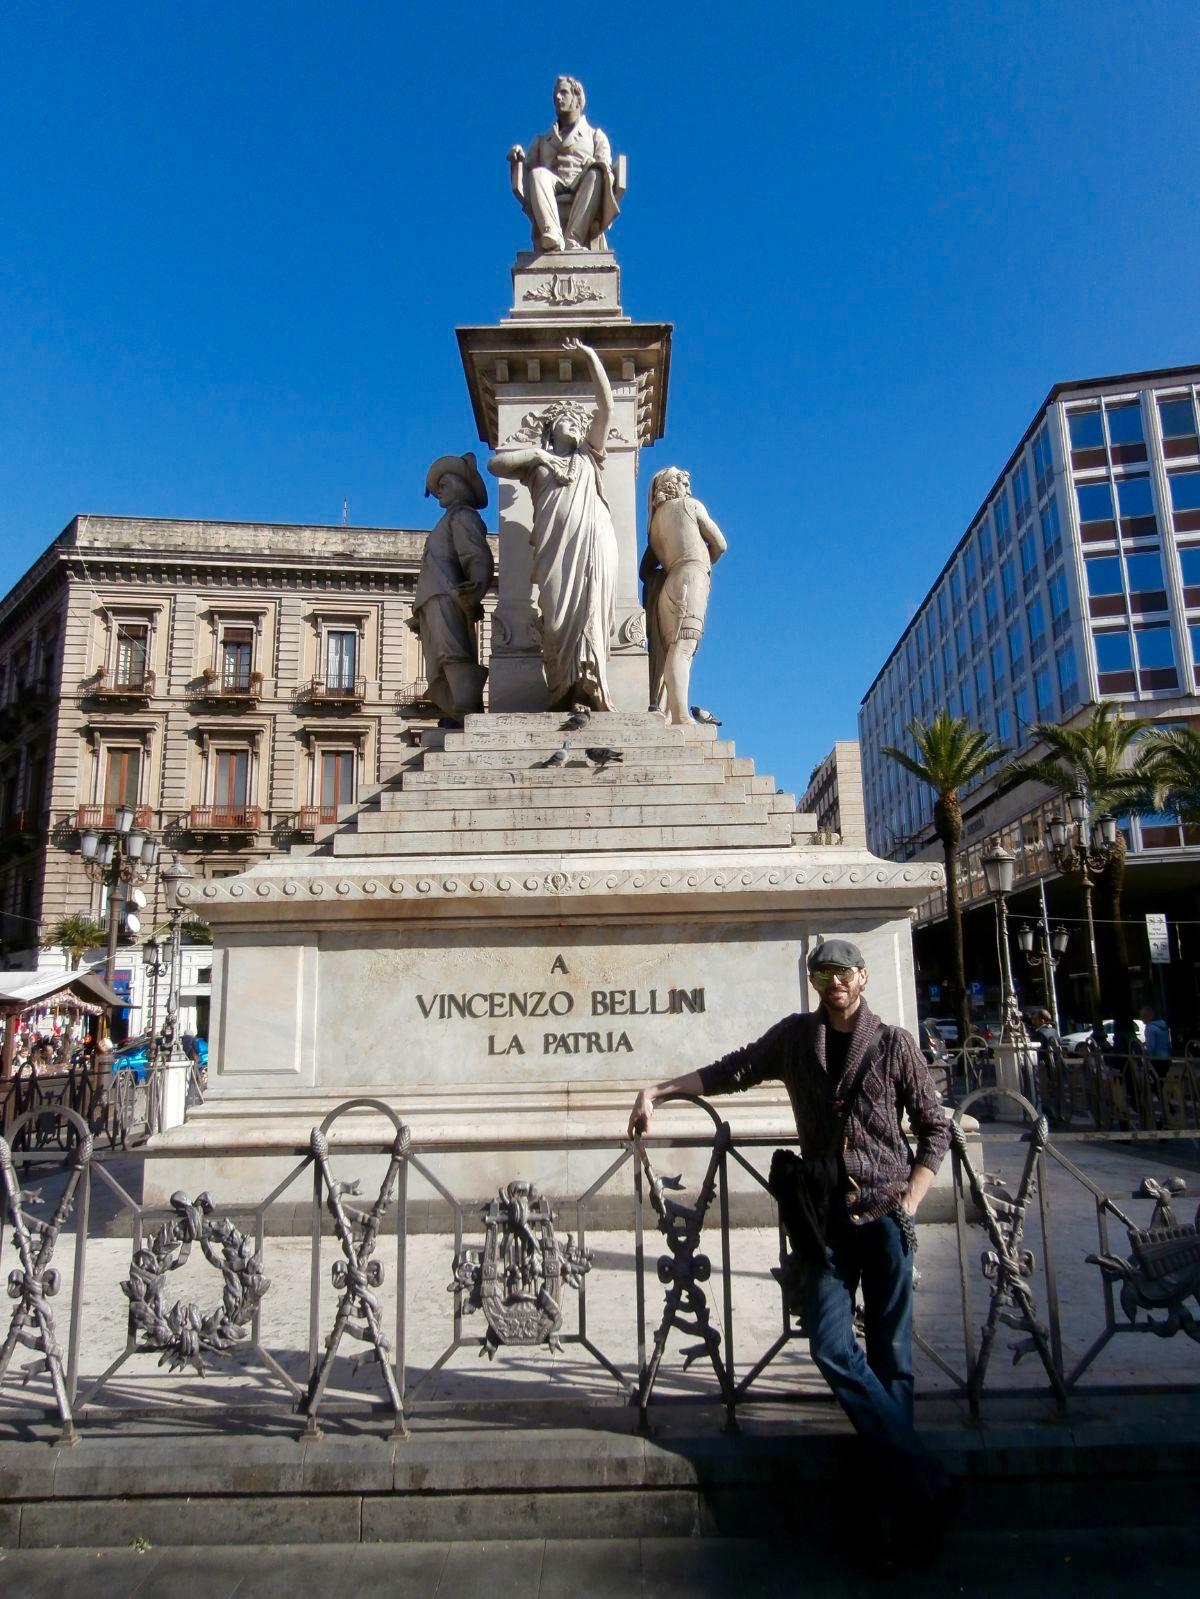 Posando junto al monumento dedicado al gran compositor Vincenzo Bellini, nacido en la misma Catania. Catania, enero 2016. - Imágenes - Fernando Lázaro, Composer and Pianist